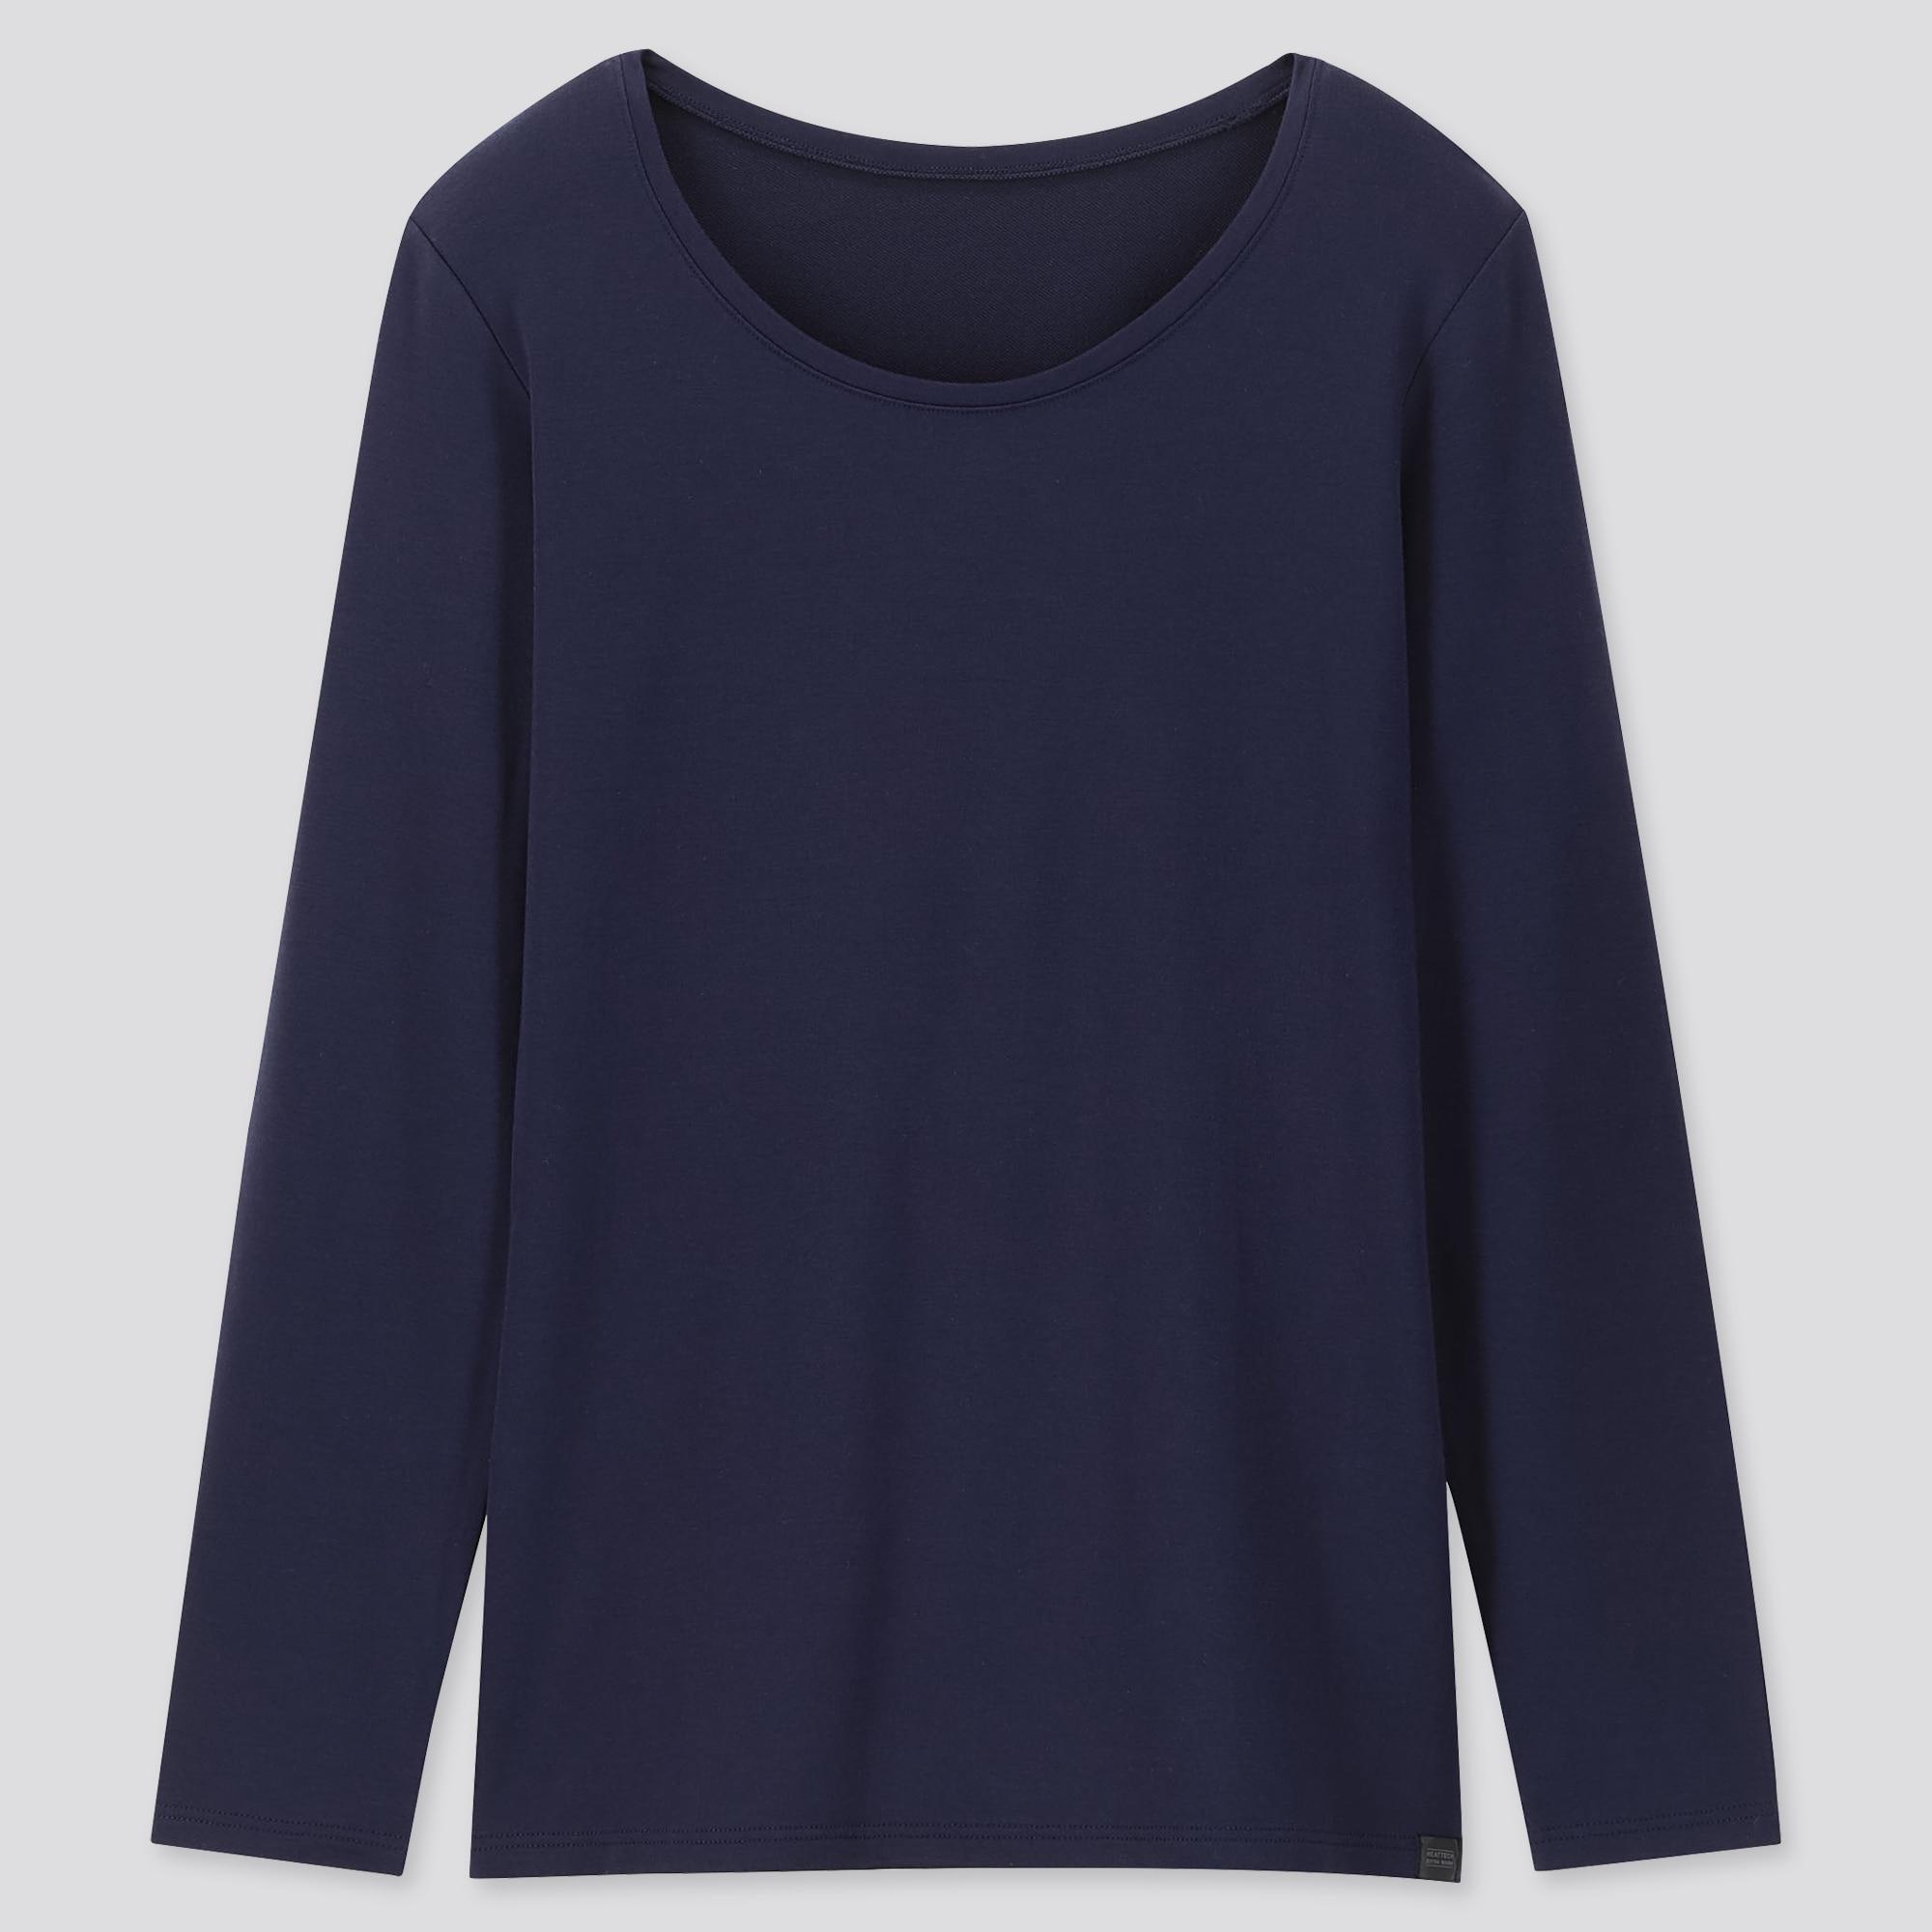 Femme Zara T Bretelles Shirt Byv6iymf7g Qpsvzgum hrtdCsQ